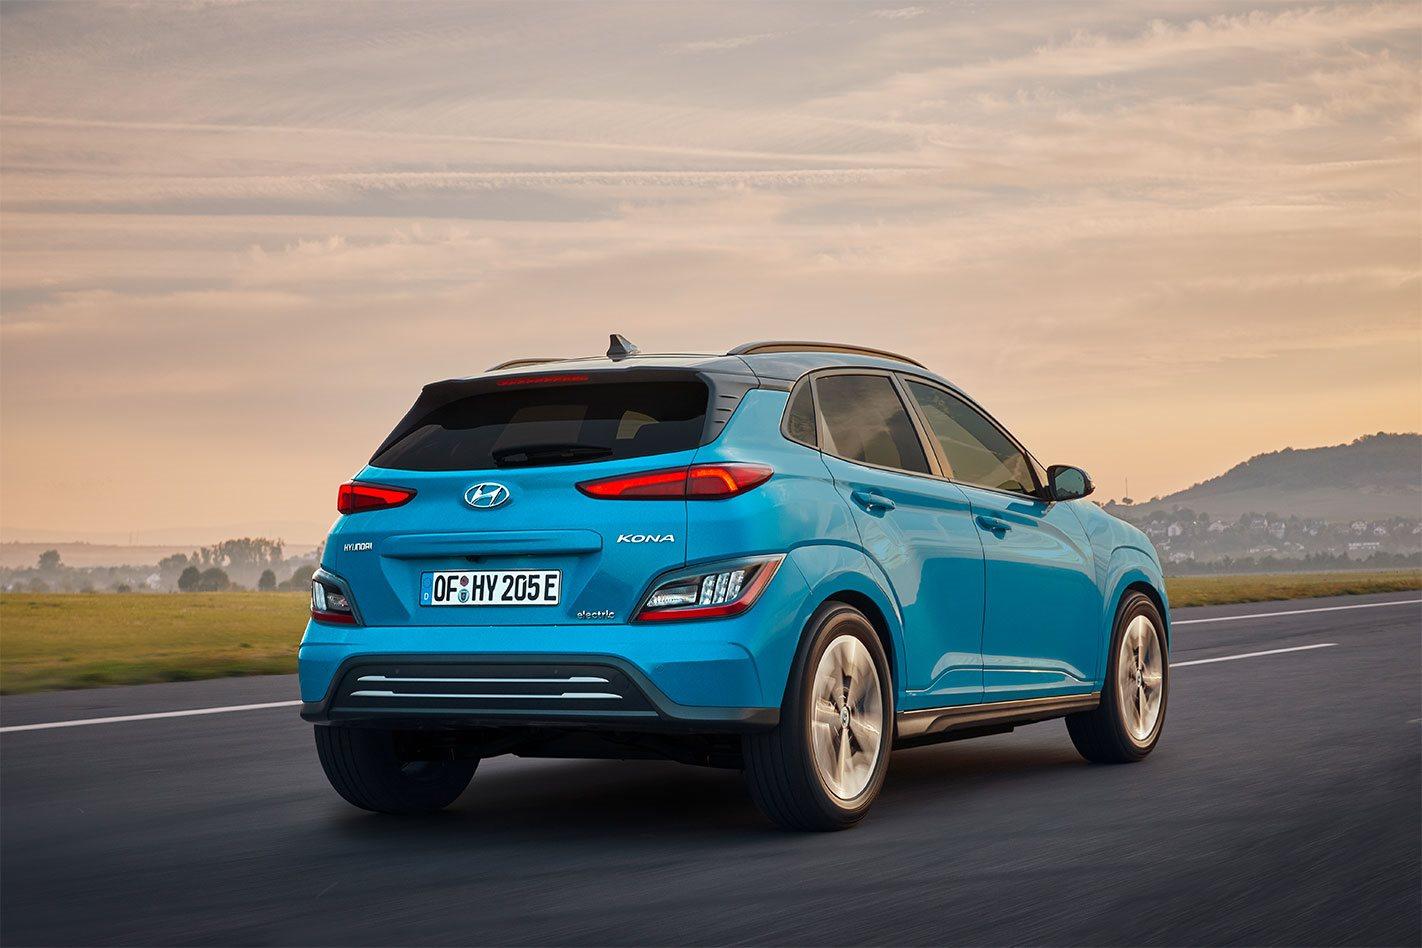 2021 Hyundai Kona Electric facelift revealed